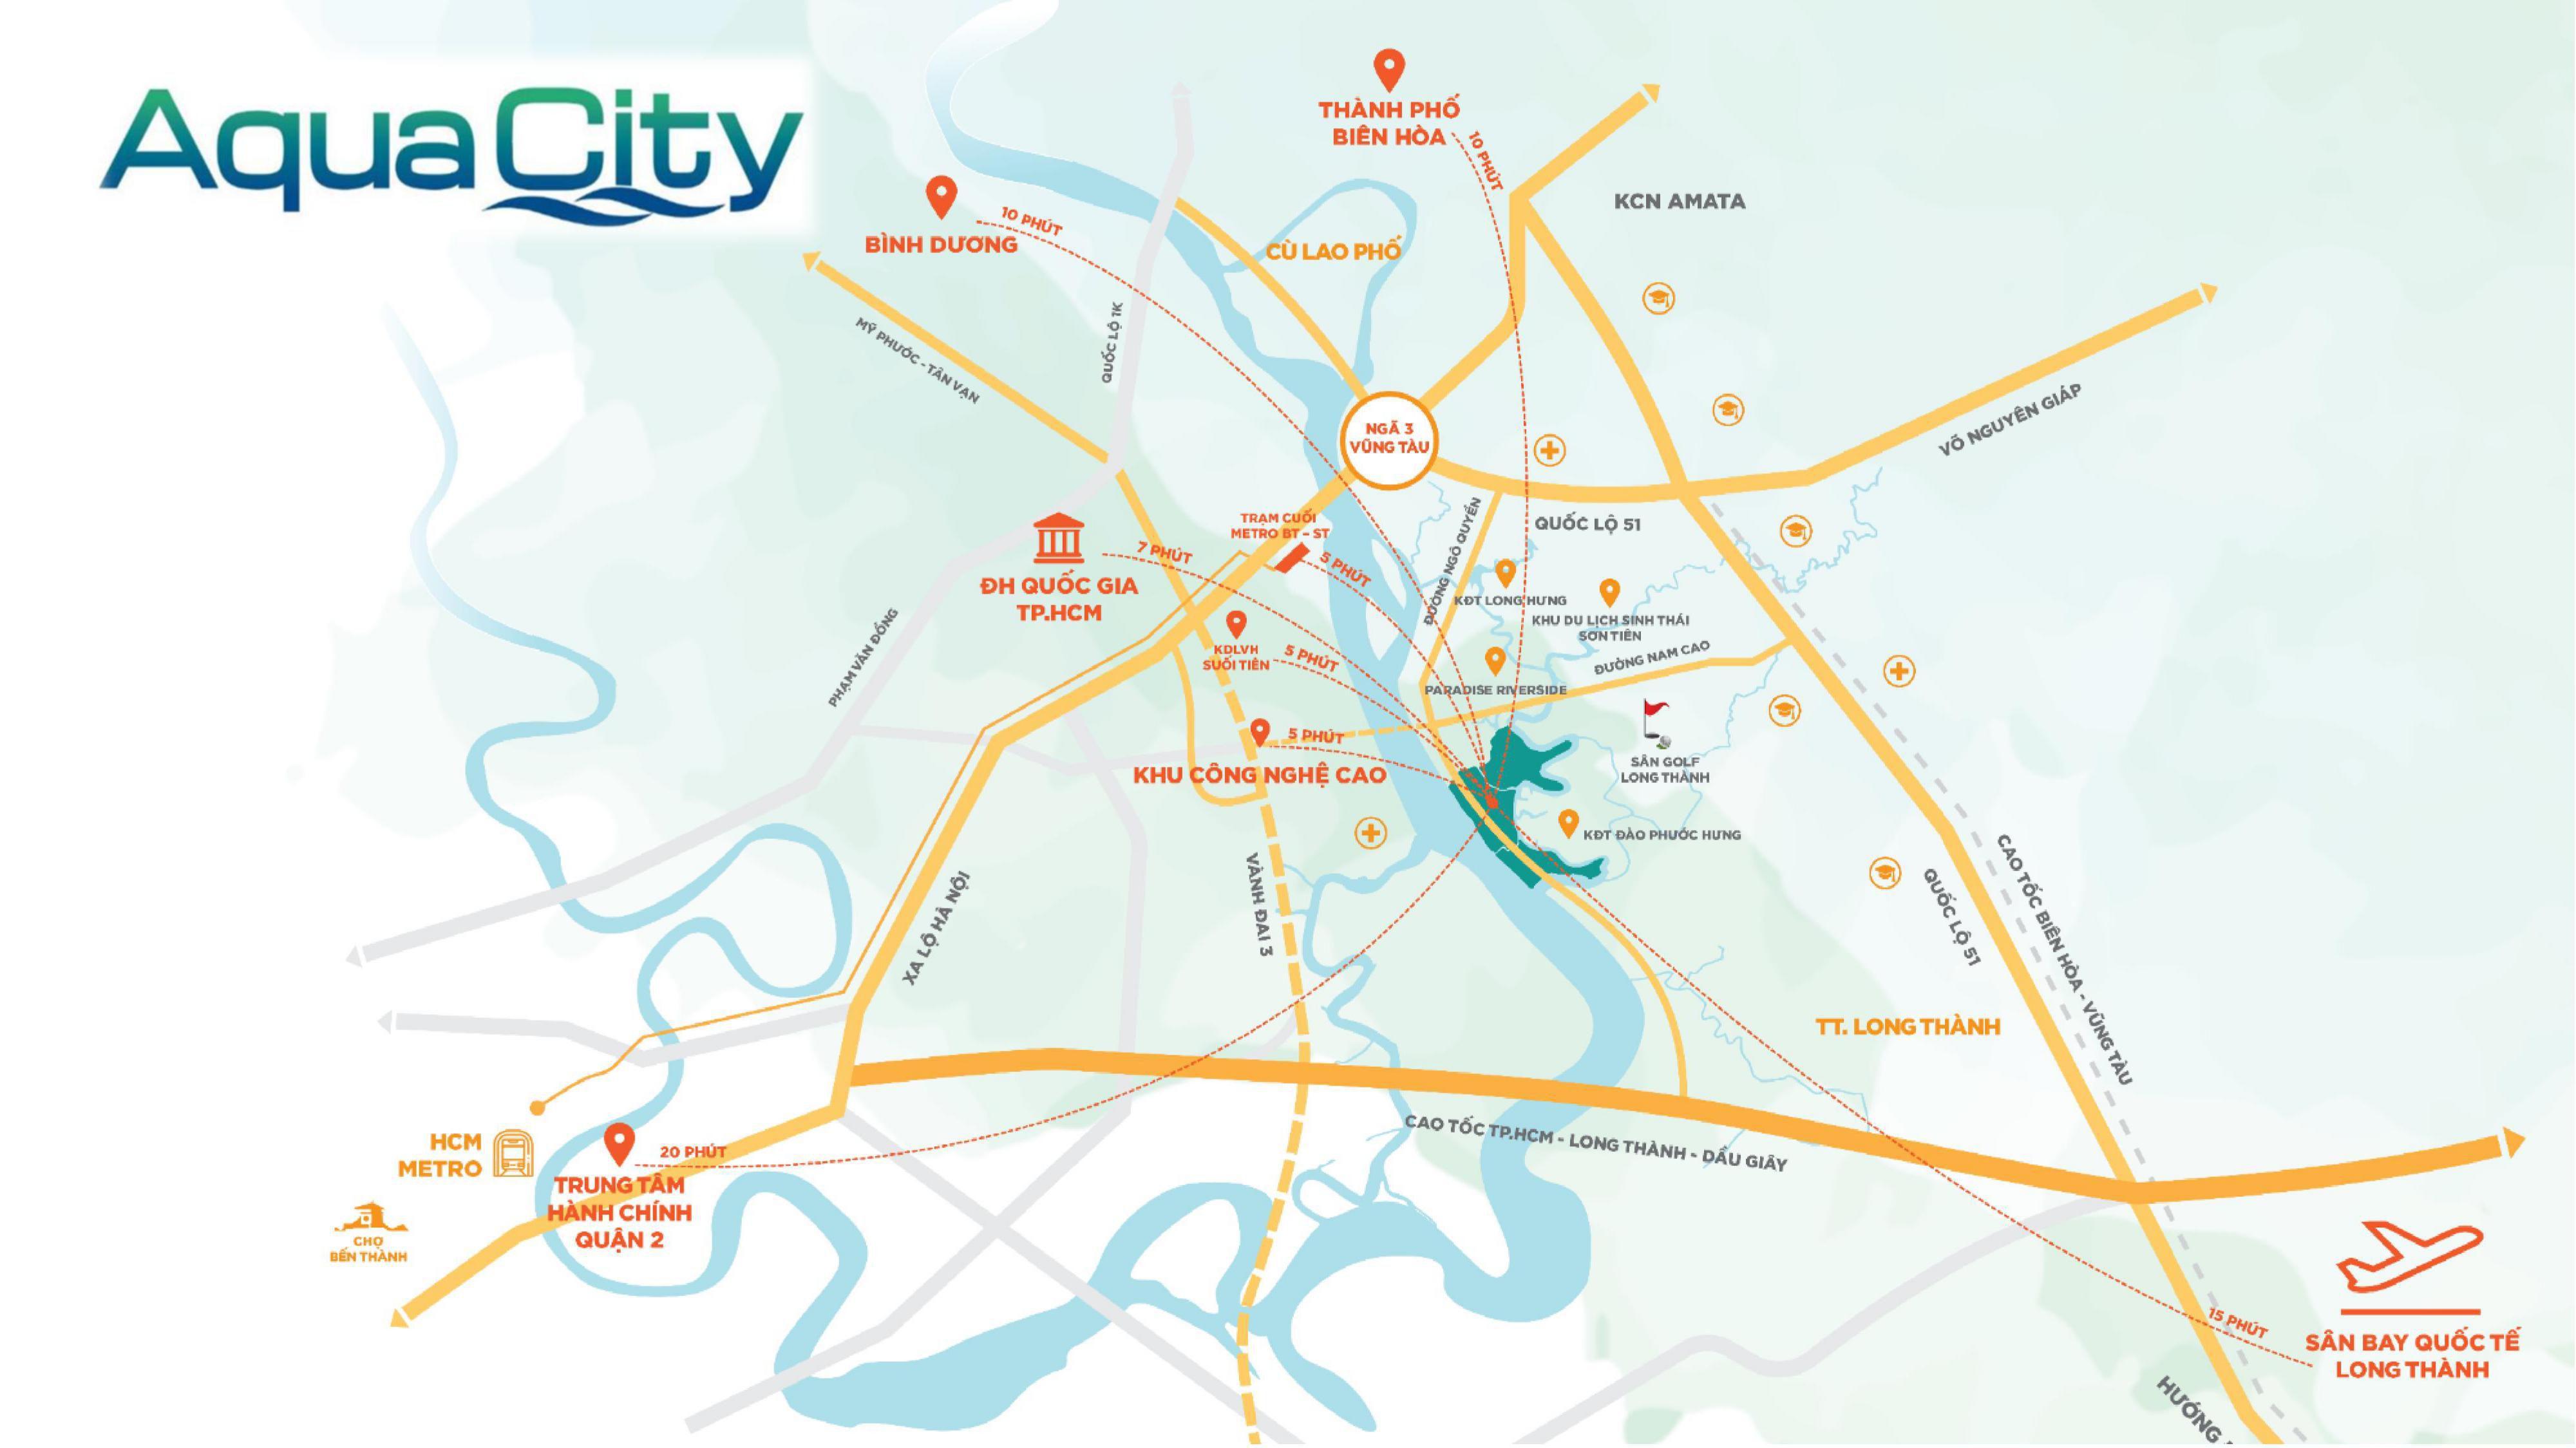 Vì sao Aqua City được đánh giá cao?